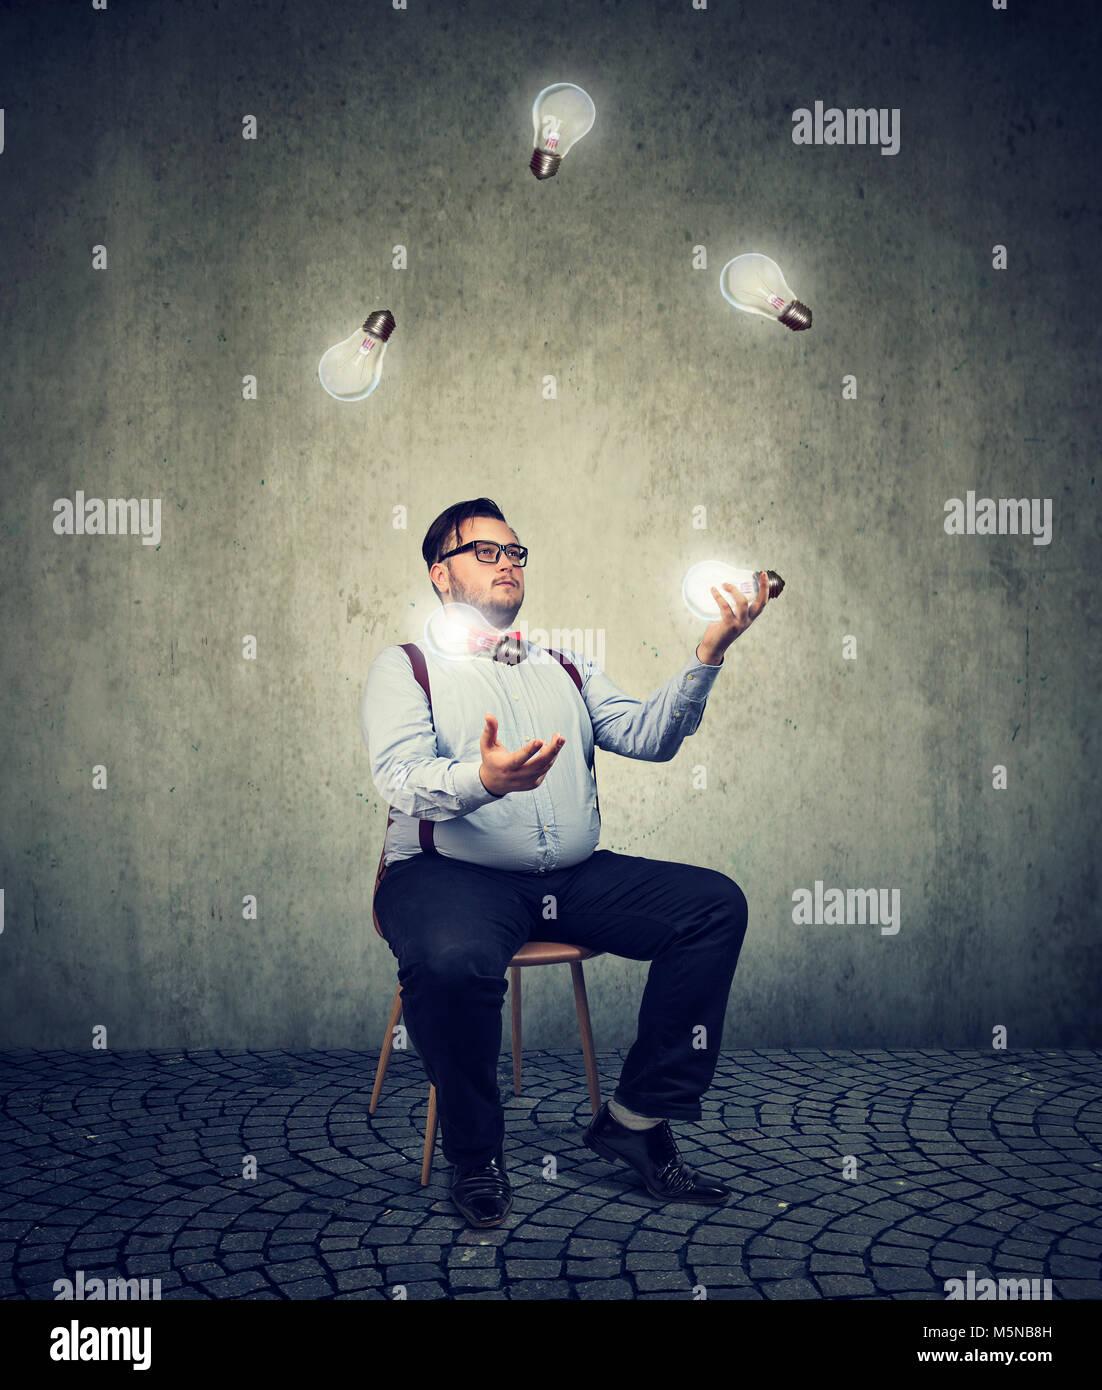 Chubby joven hombre sentado en una silla y malabarismos con bombillas siendo genio. Imagen De Stock